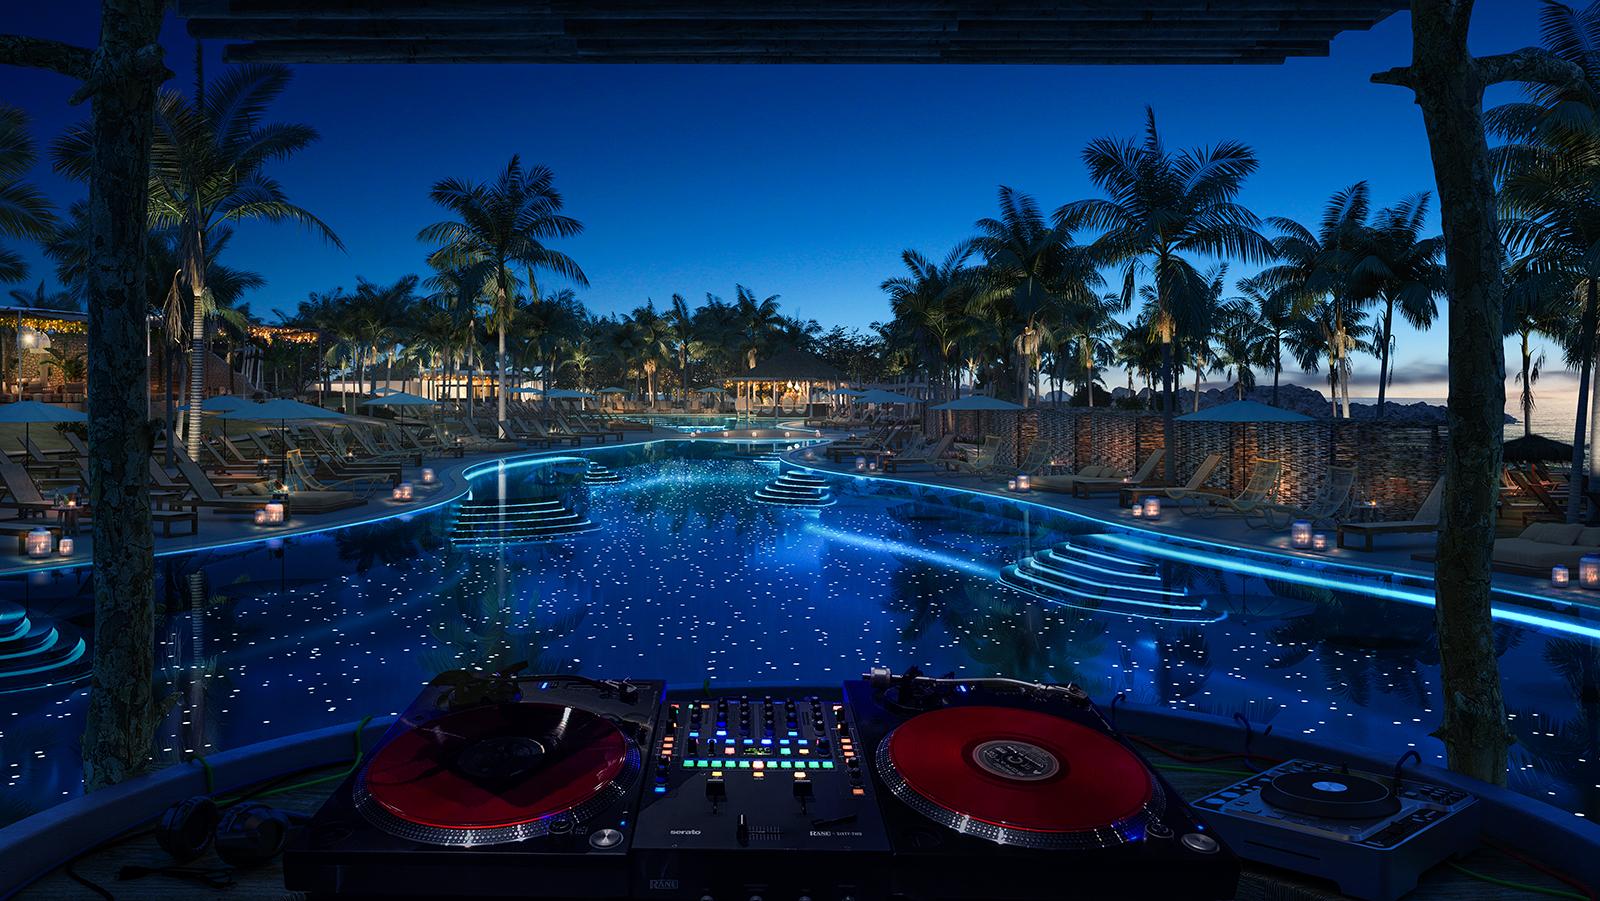 Copy of Beach Club at Bimini 5